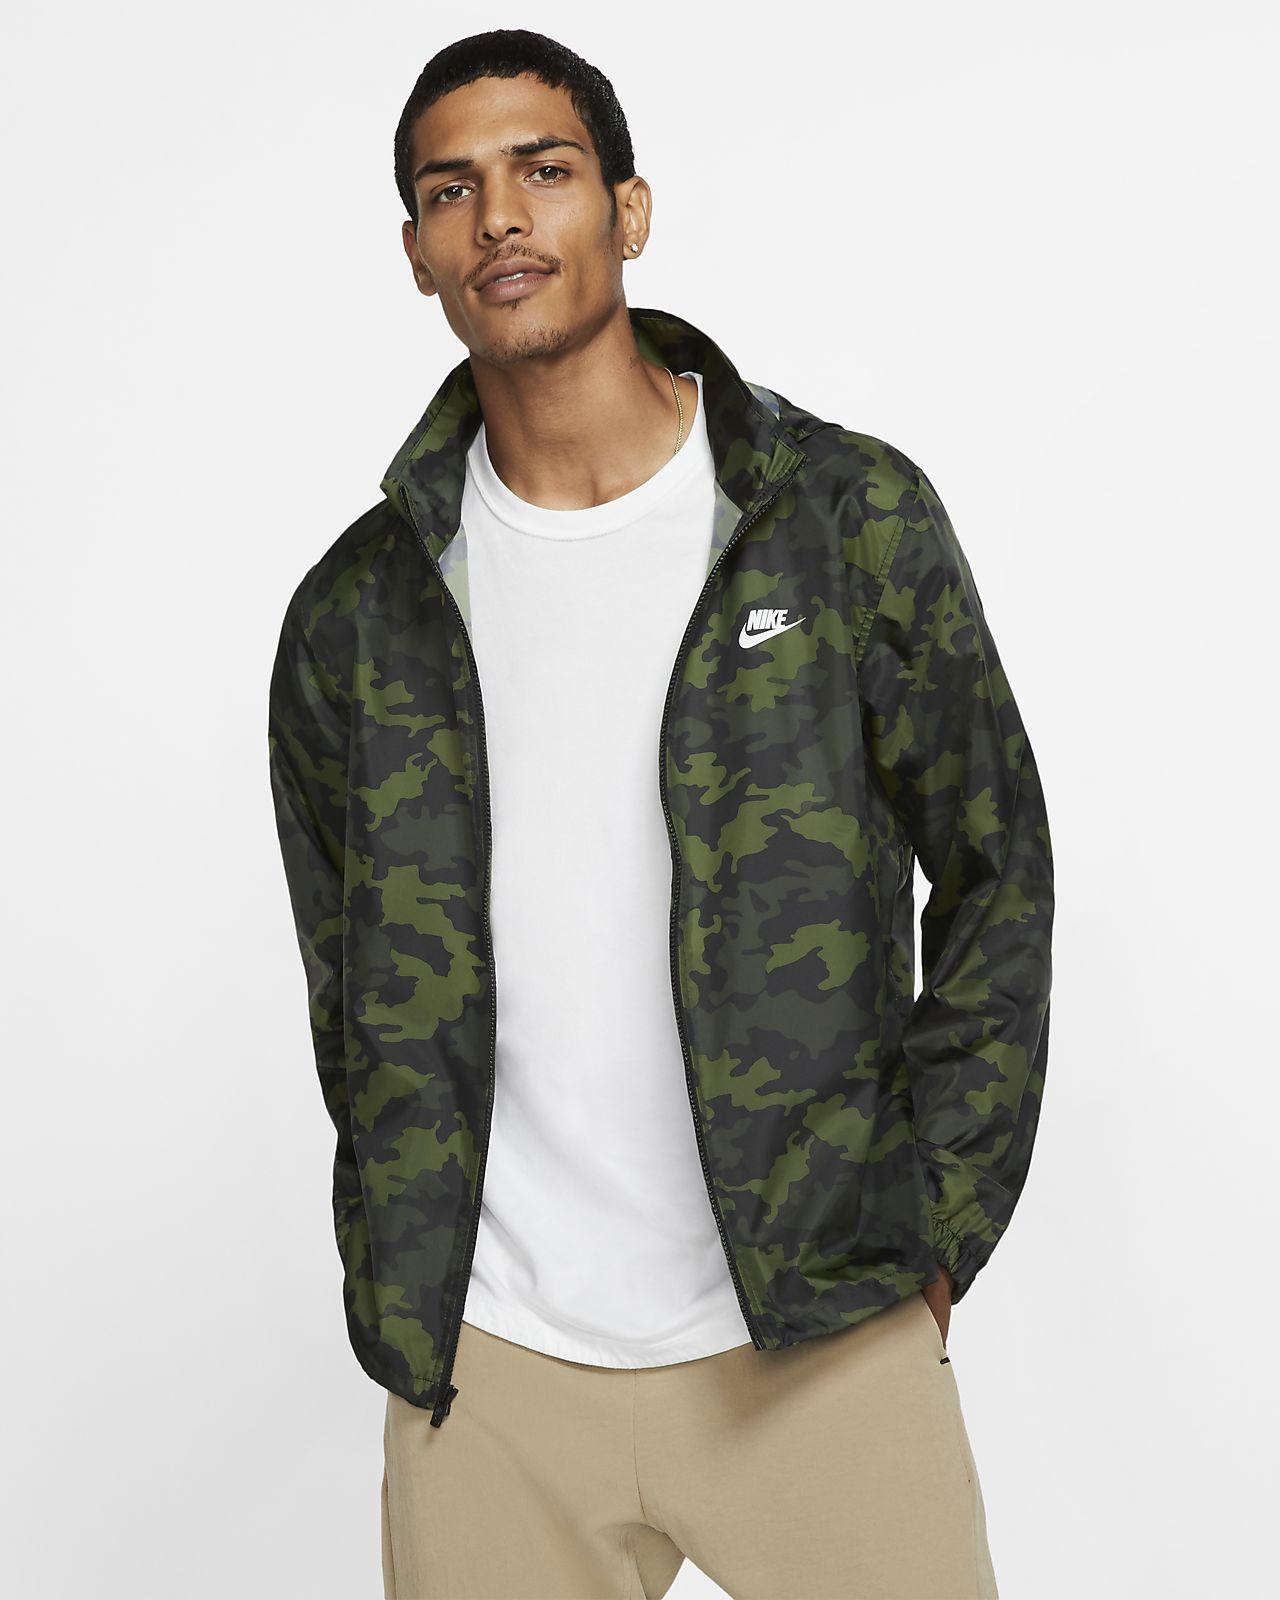 Nike Sportswear Kamuflaj Desenli Kapüşonlu Erkek Ceketi